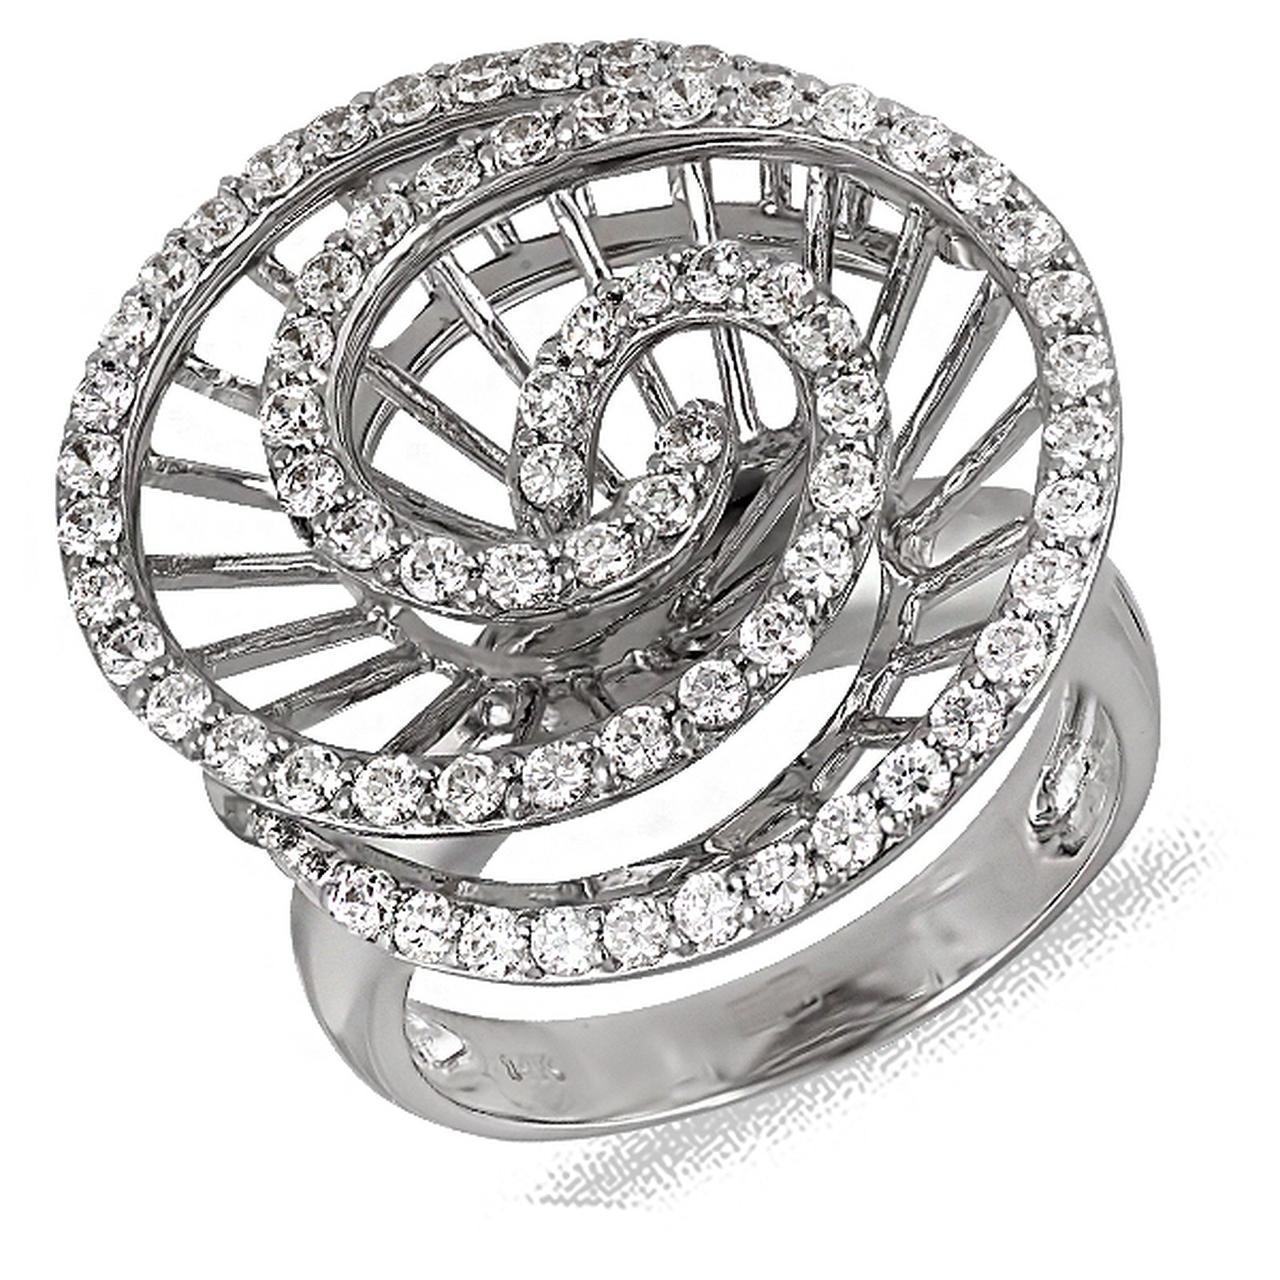 Золотое кольцо с куб. циркониями, размер 17.5 (012199)